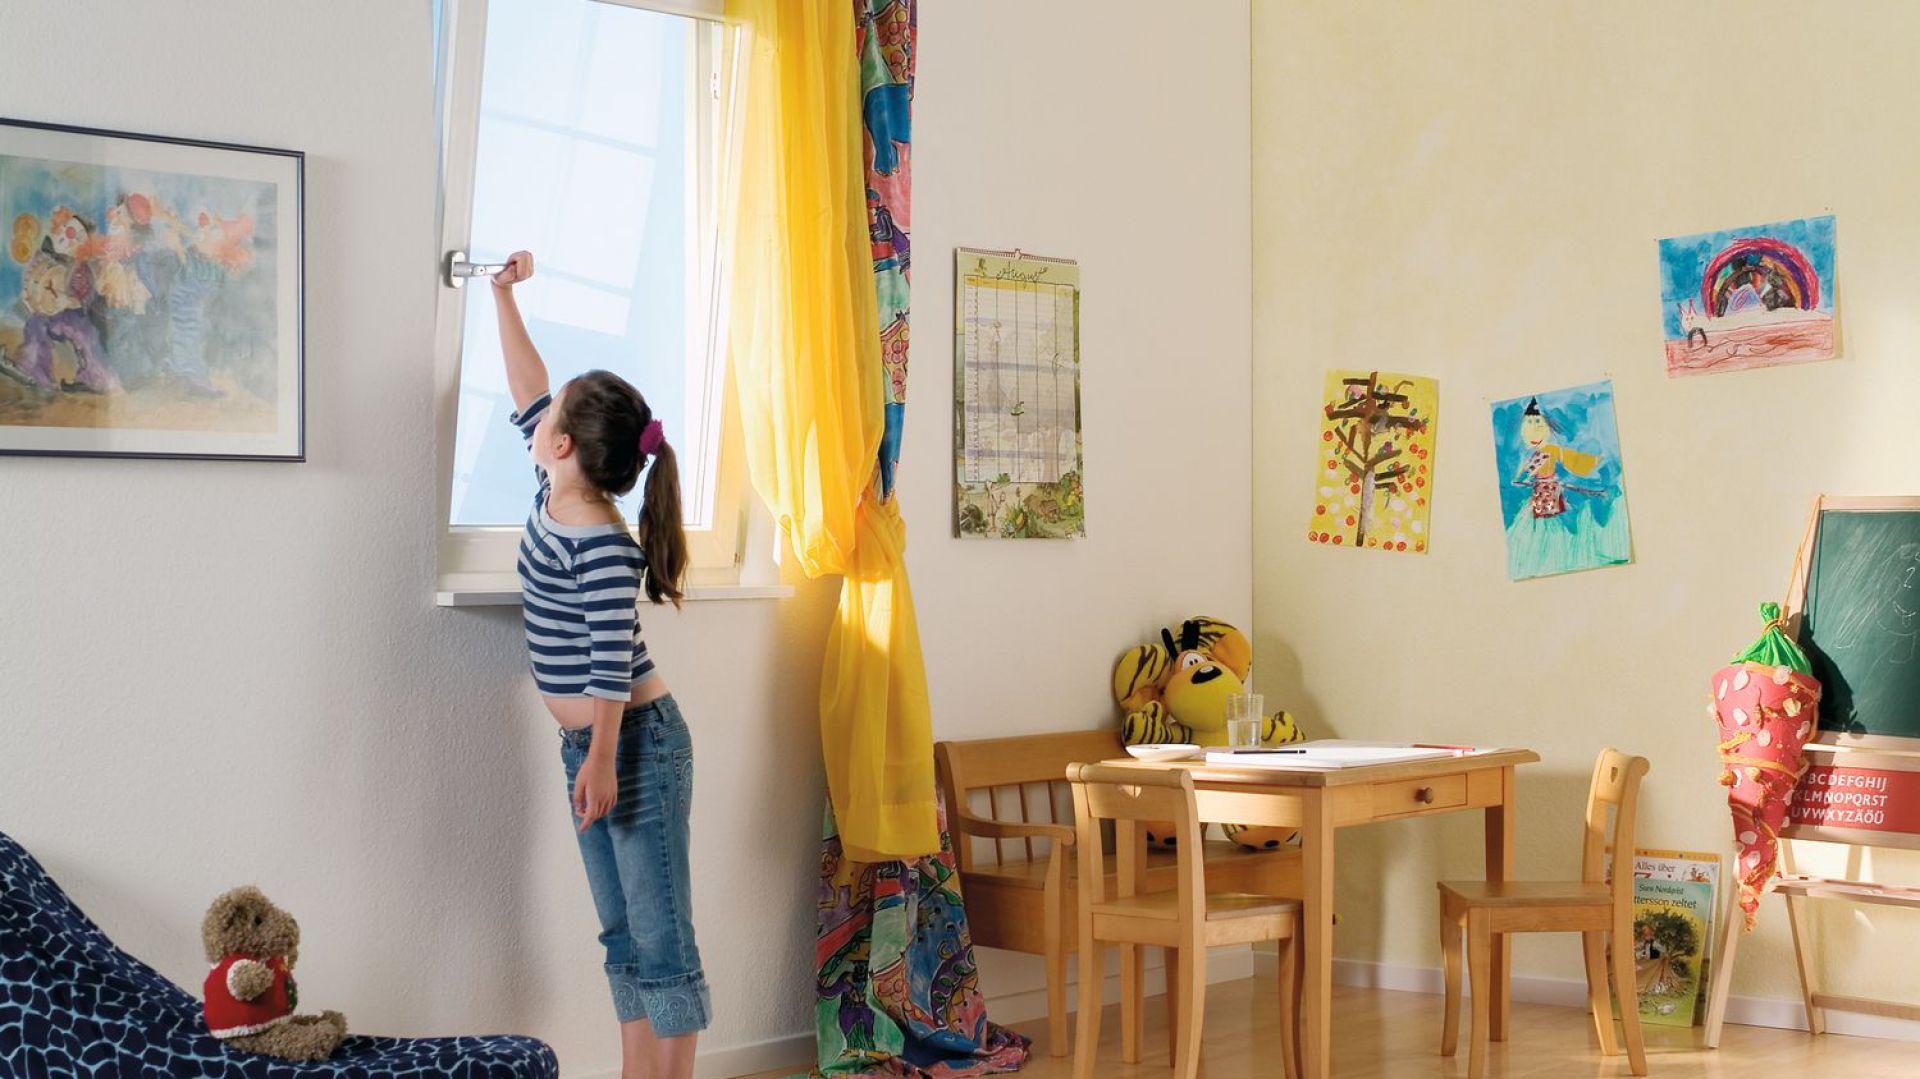 Dom bezpieczny dla dziecka. Fot. Budvar Centrum